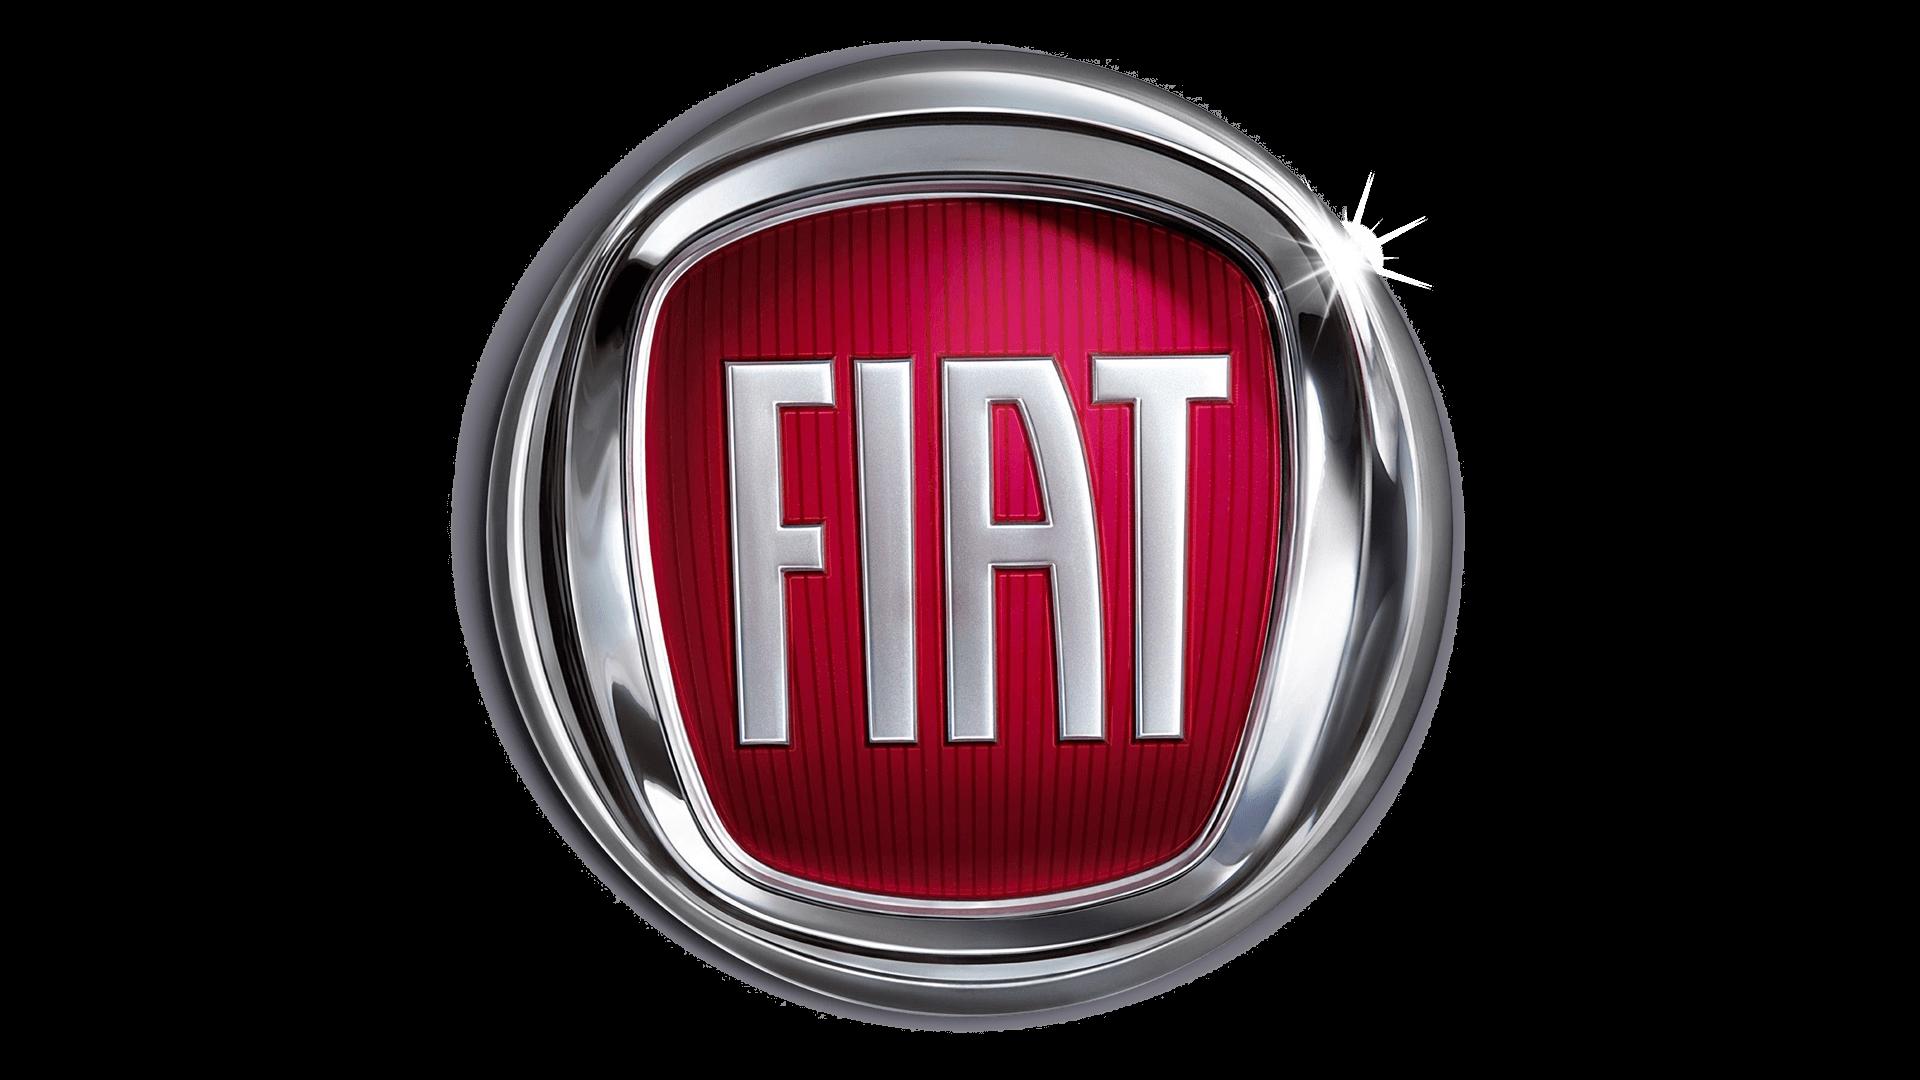 Car Logo Fiat transparent PNG.